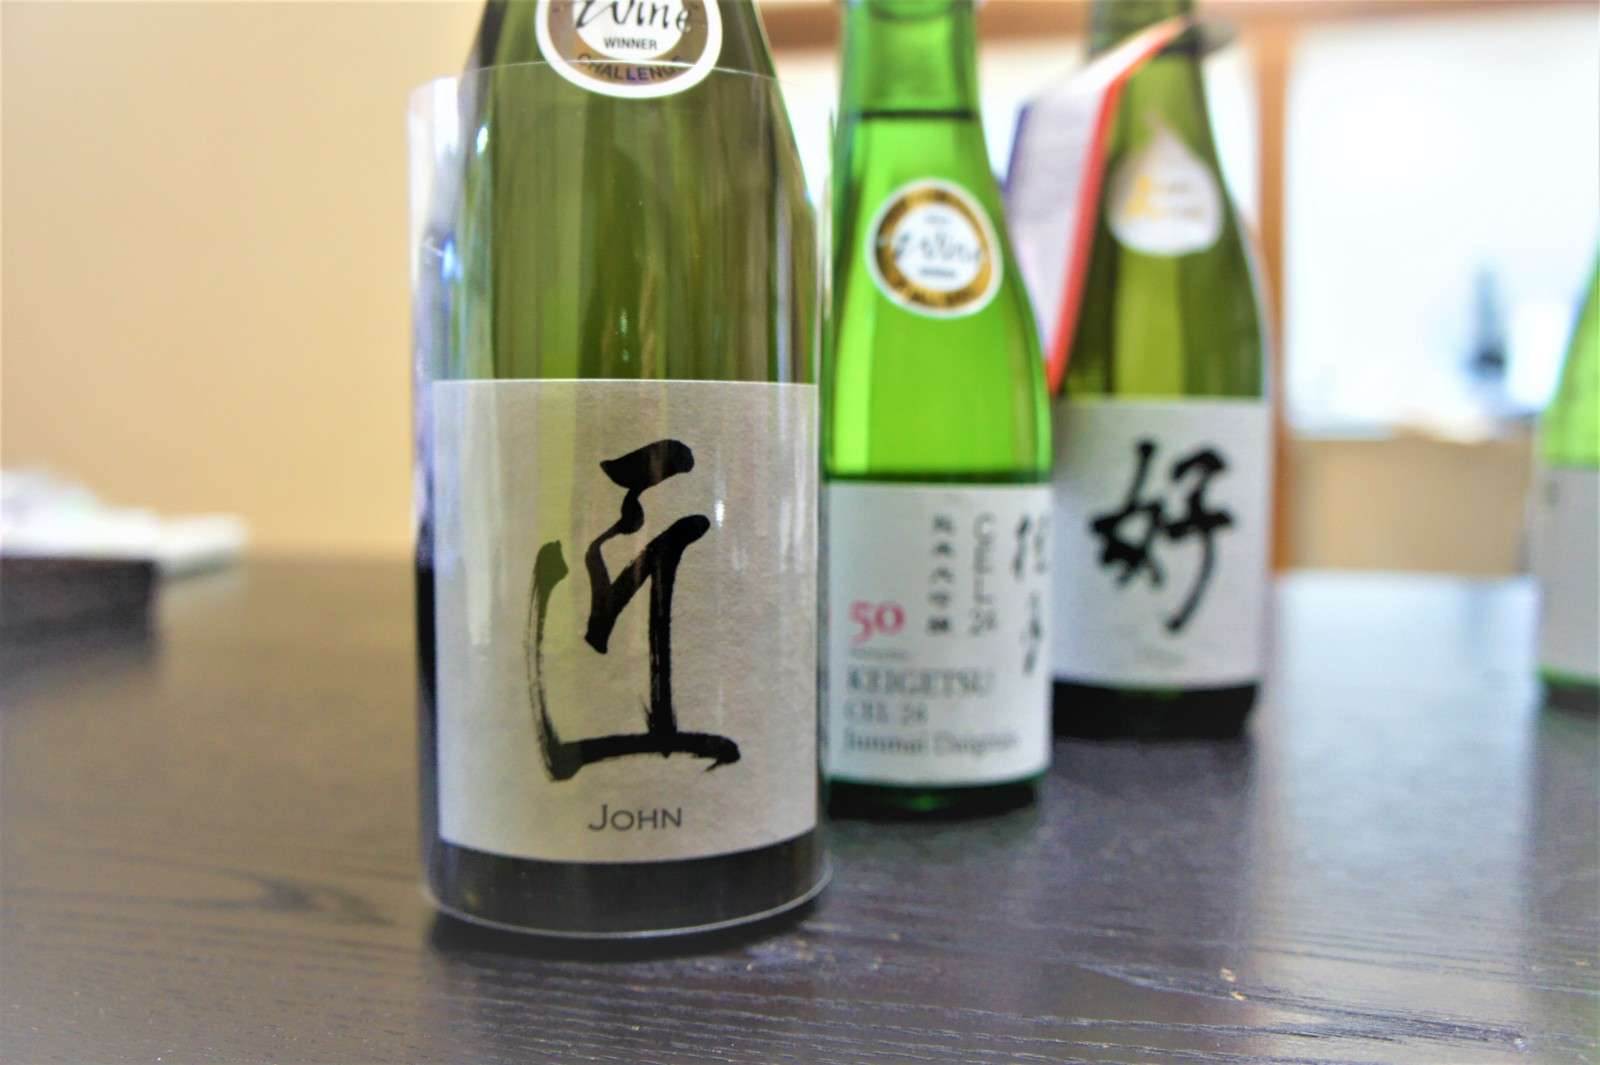 台湾人との出会いからスパークリング日本酒「匠(JOHN)」が生まれた